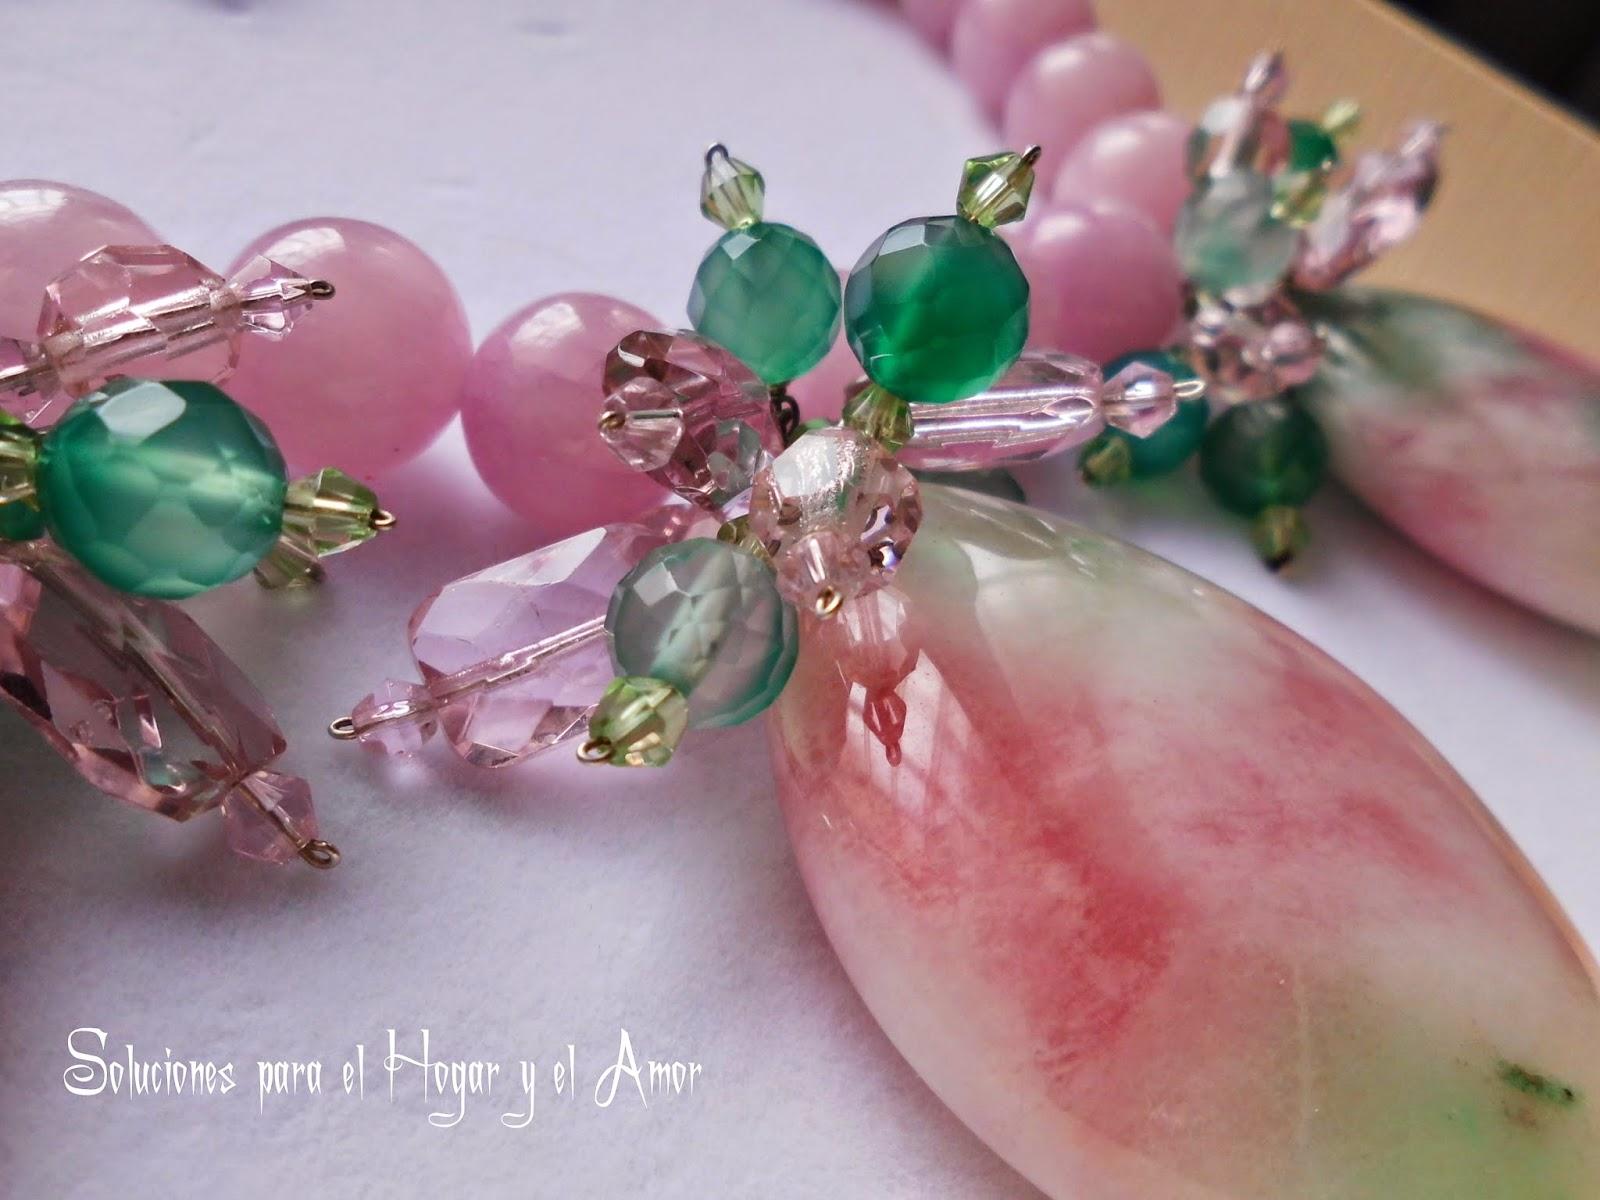 Cristales de Cuarzo rosa con matices verdes y cristales de swaroski